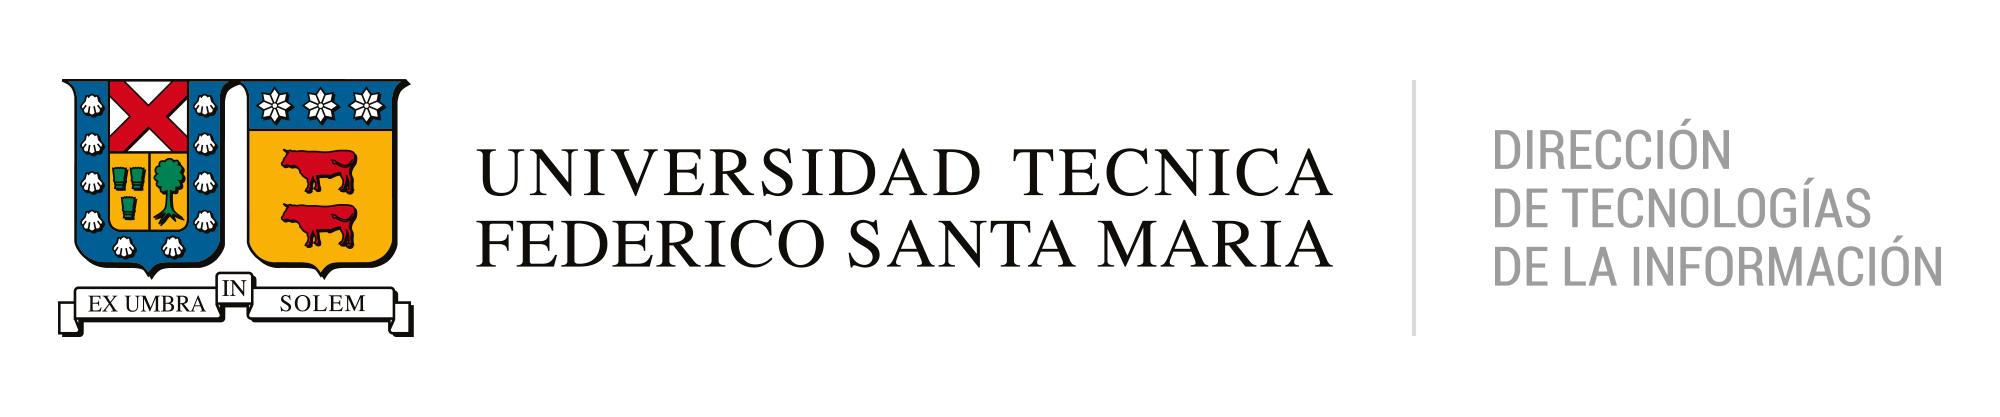 DTI · Universidad Técnica Federico Santa María